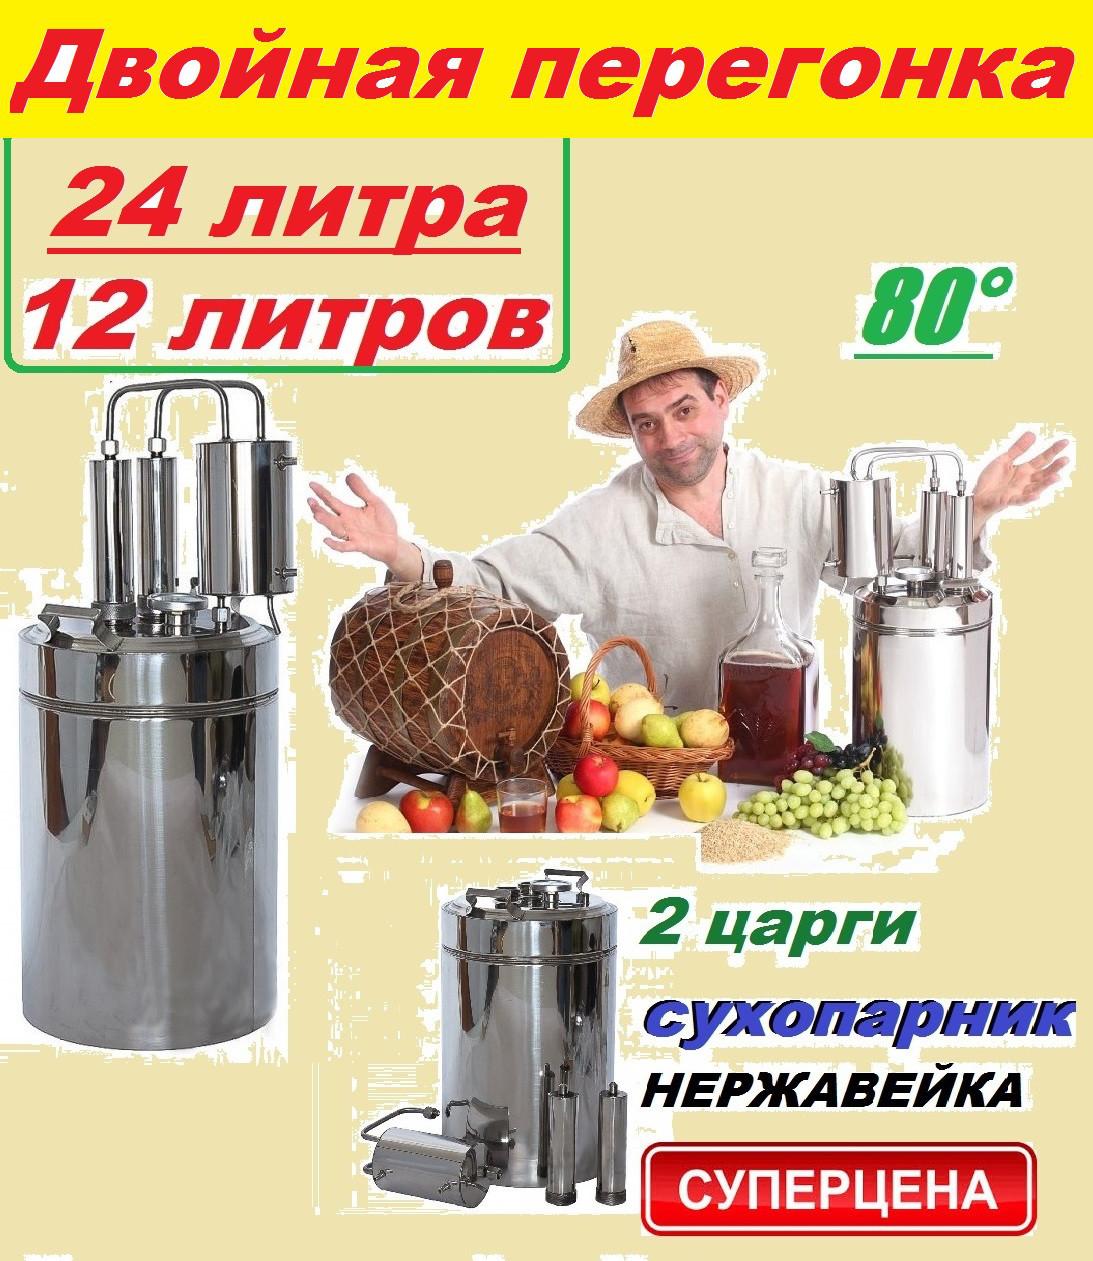 Картинки по запросу купить дистиллятор двойной перегонки украина